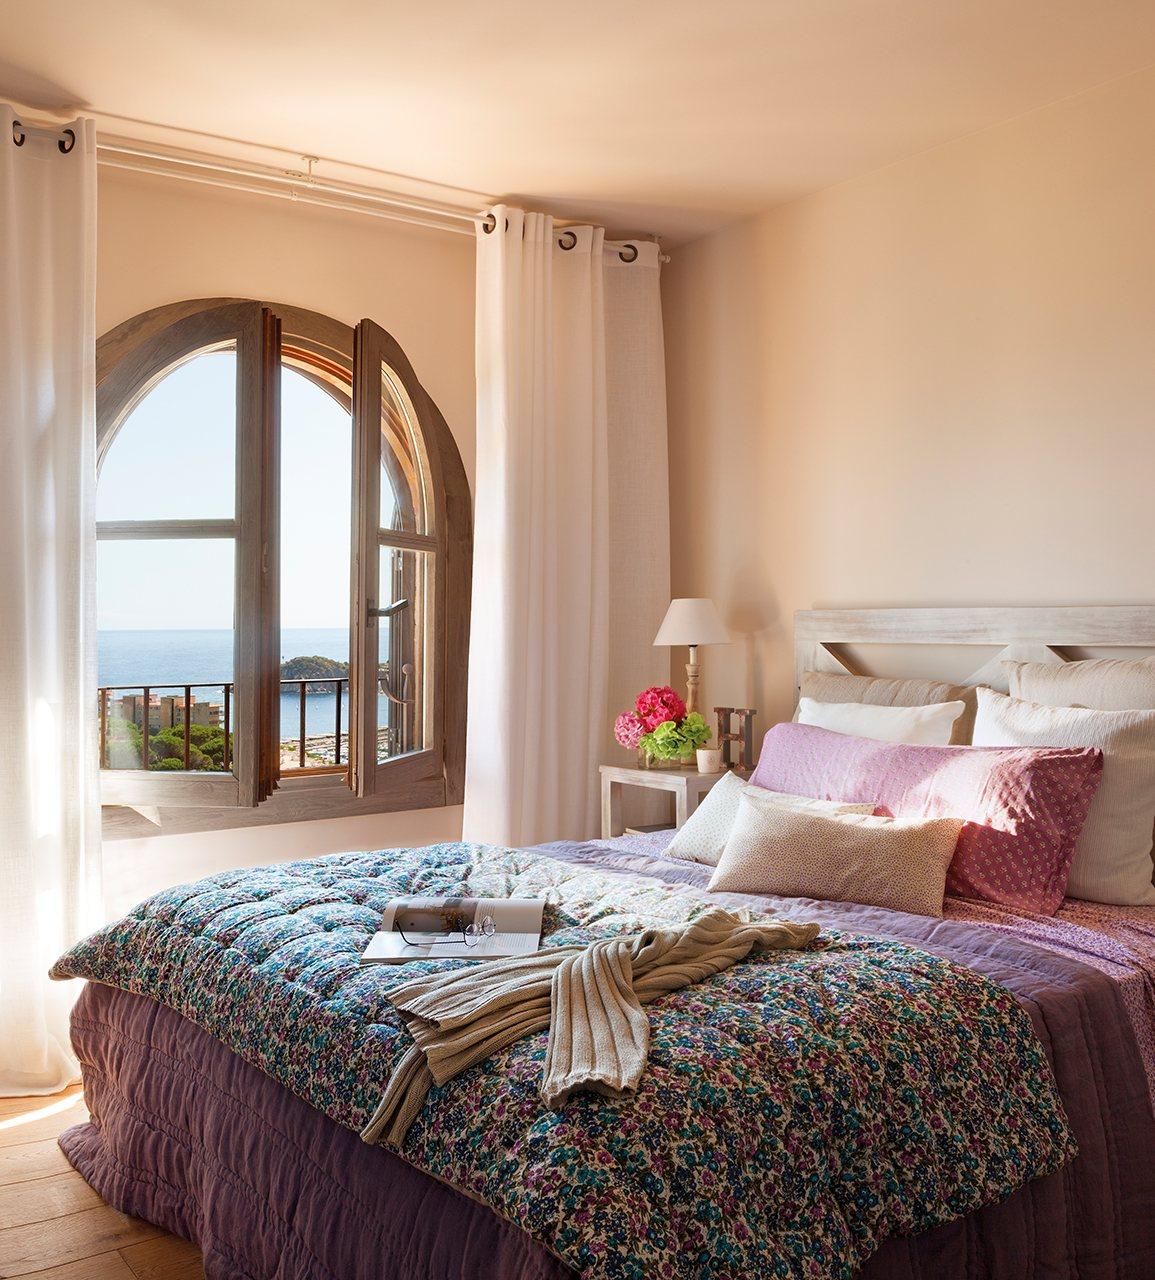 dormitorio con ventana en arco y vistas al mar dormitorio principal con ropa de cama